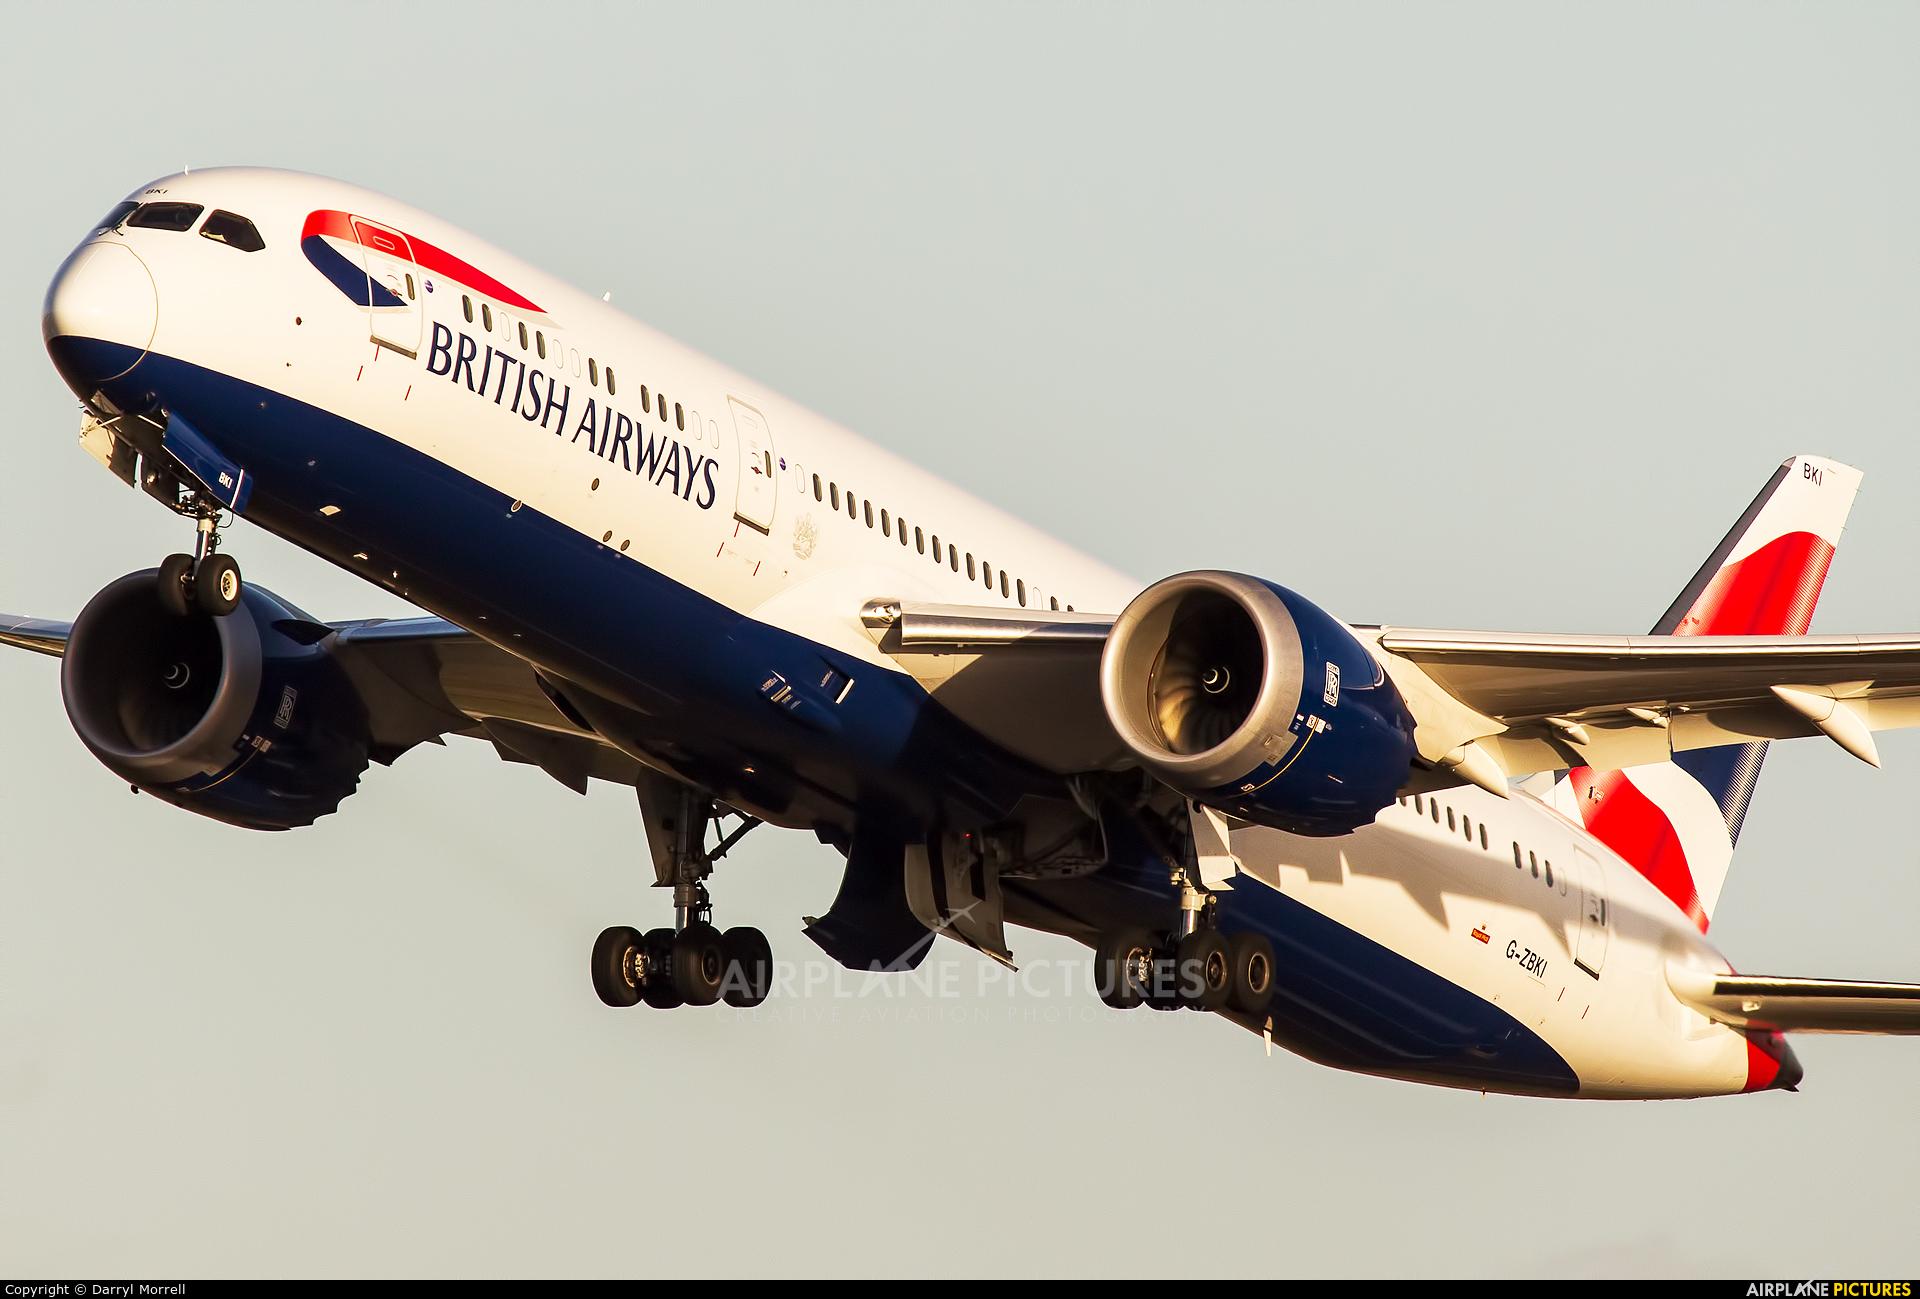 British Airways G-ZBKI aircraft at London - Heathrow